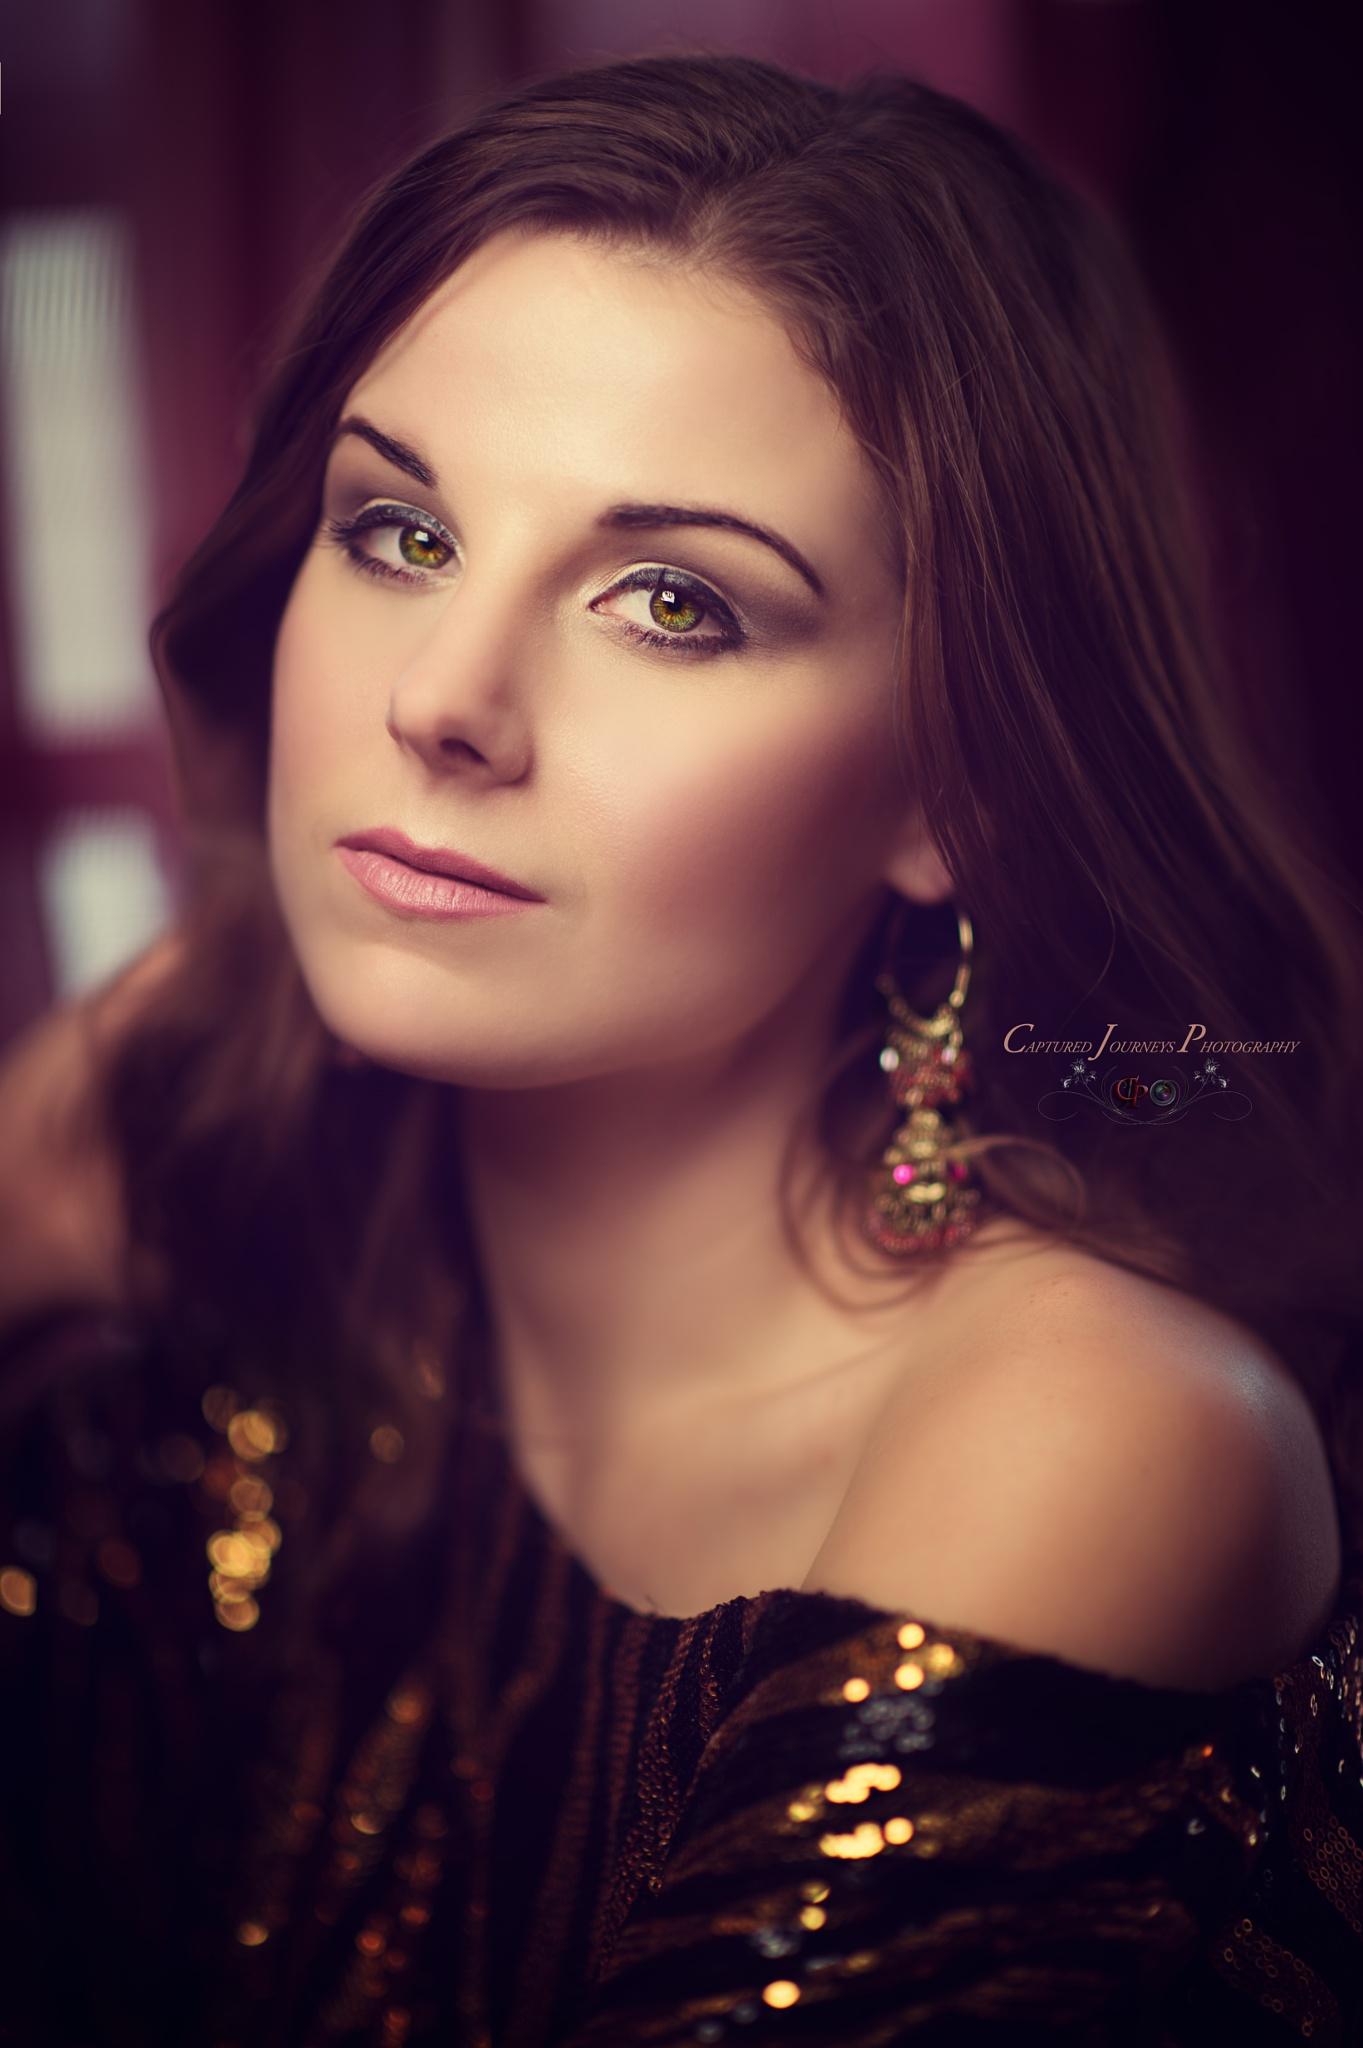 Allison by Kelly Schneider